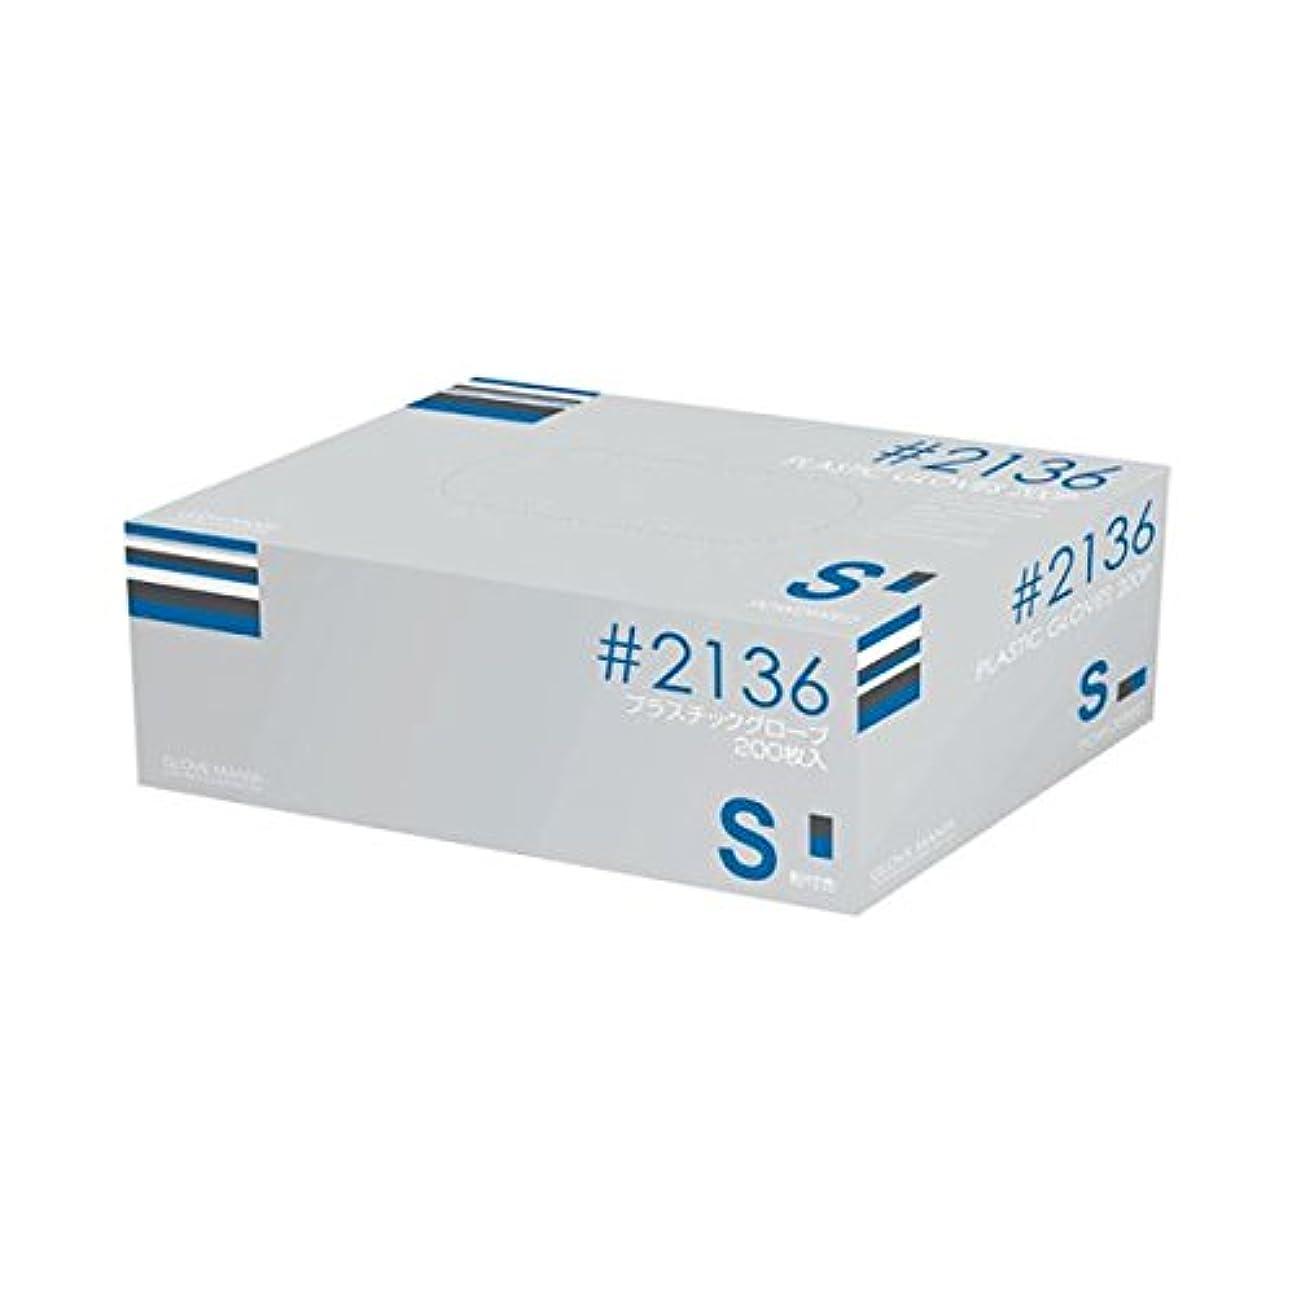 最小化するカレッジバンドル川西工業 プラスティックグローブ #2136 S 粉付 15箱 ダイエット 健康 衛生用品 その他の衛生用品 14067381 [並行輸入品]